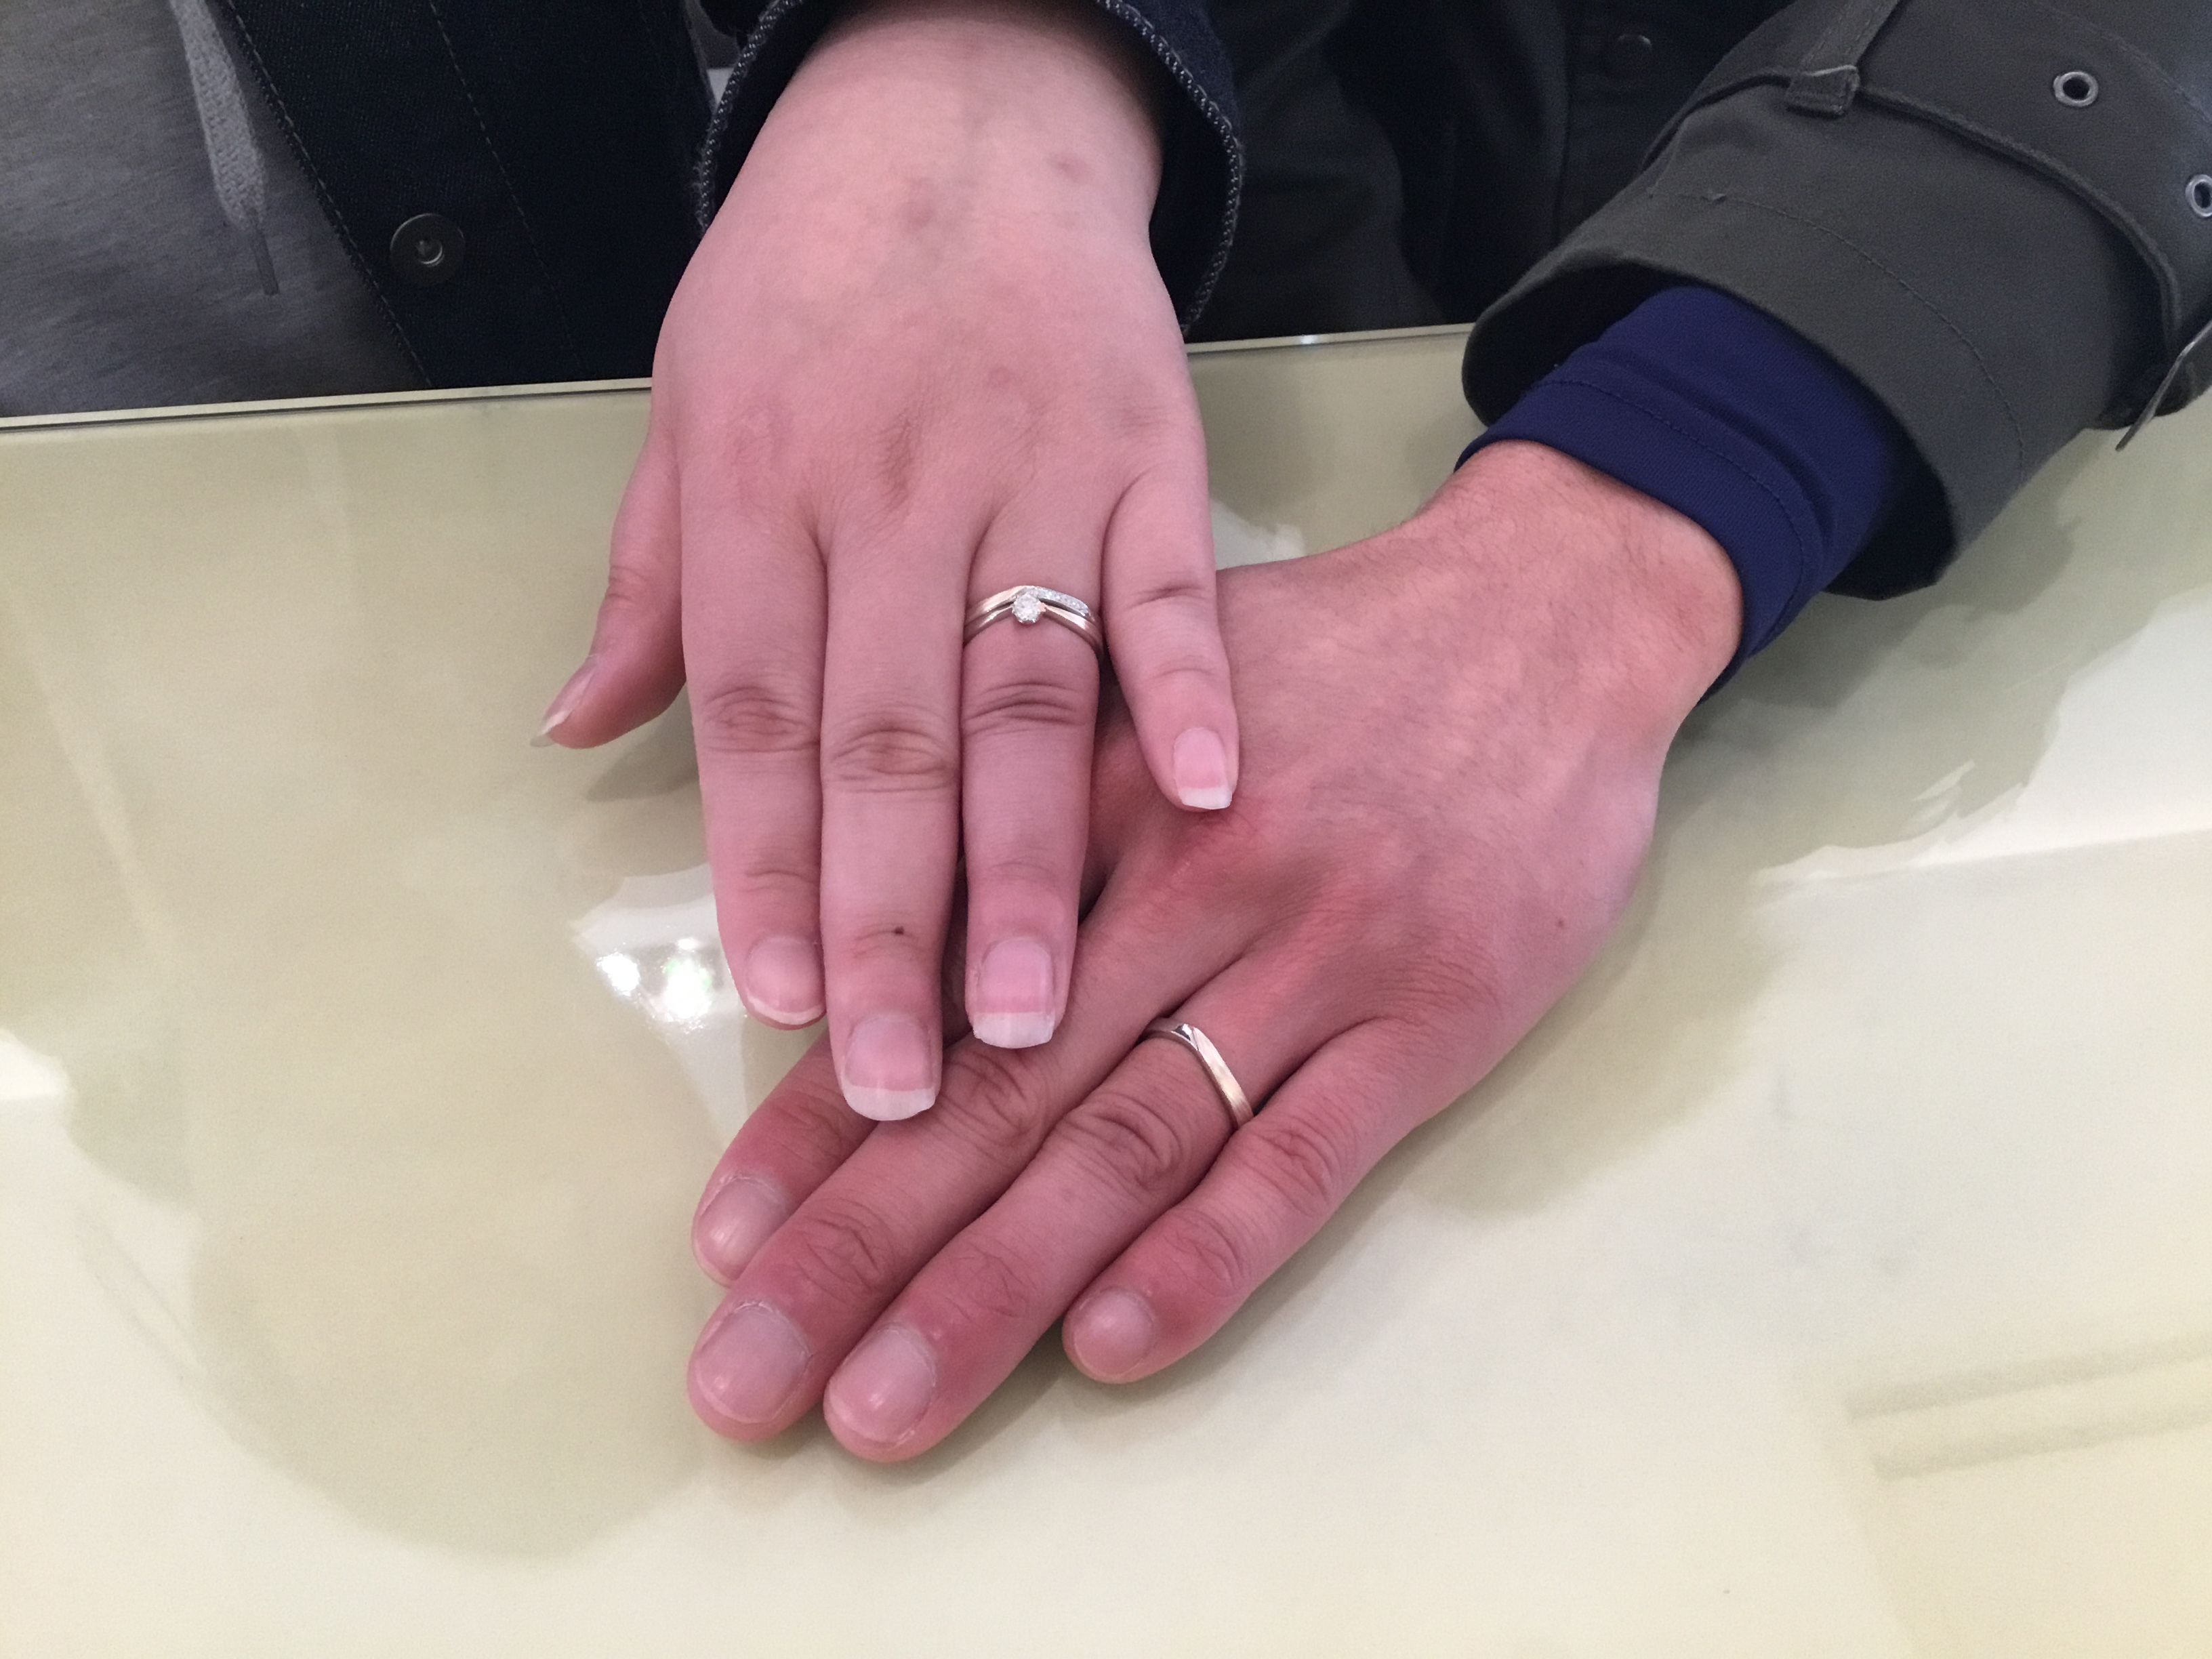 杢目金屋(もくめがねや)のご婚約指輪とご結婚指輪をお作り頂きました!